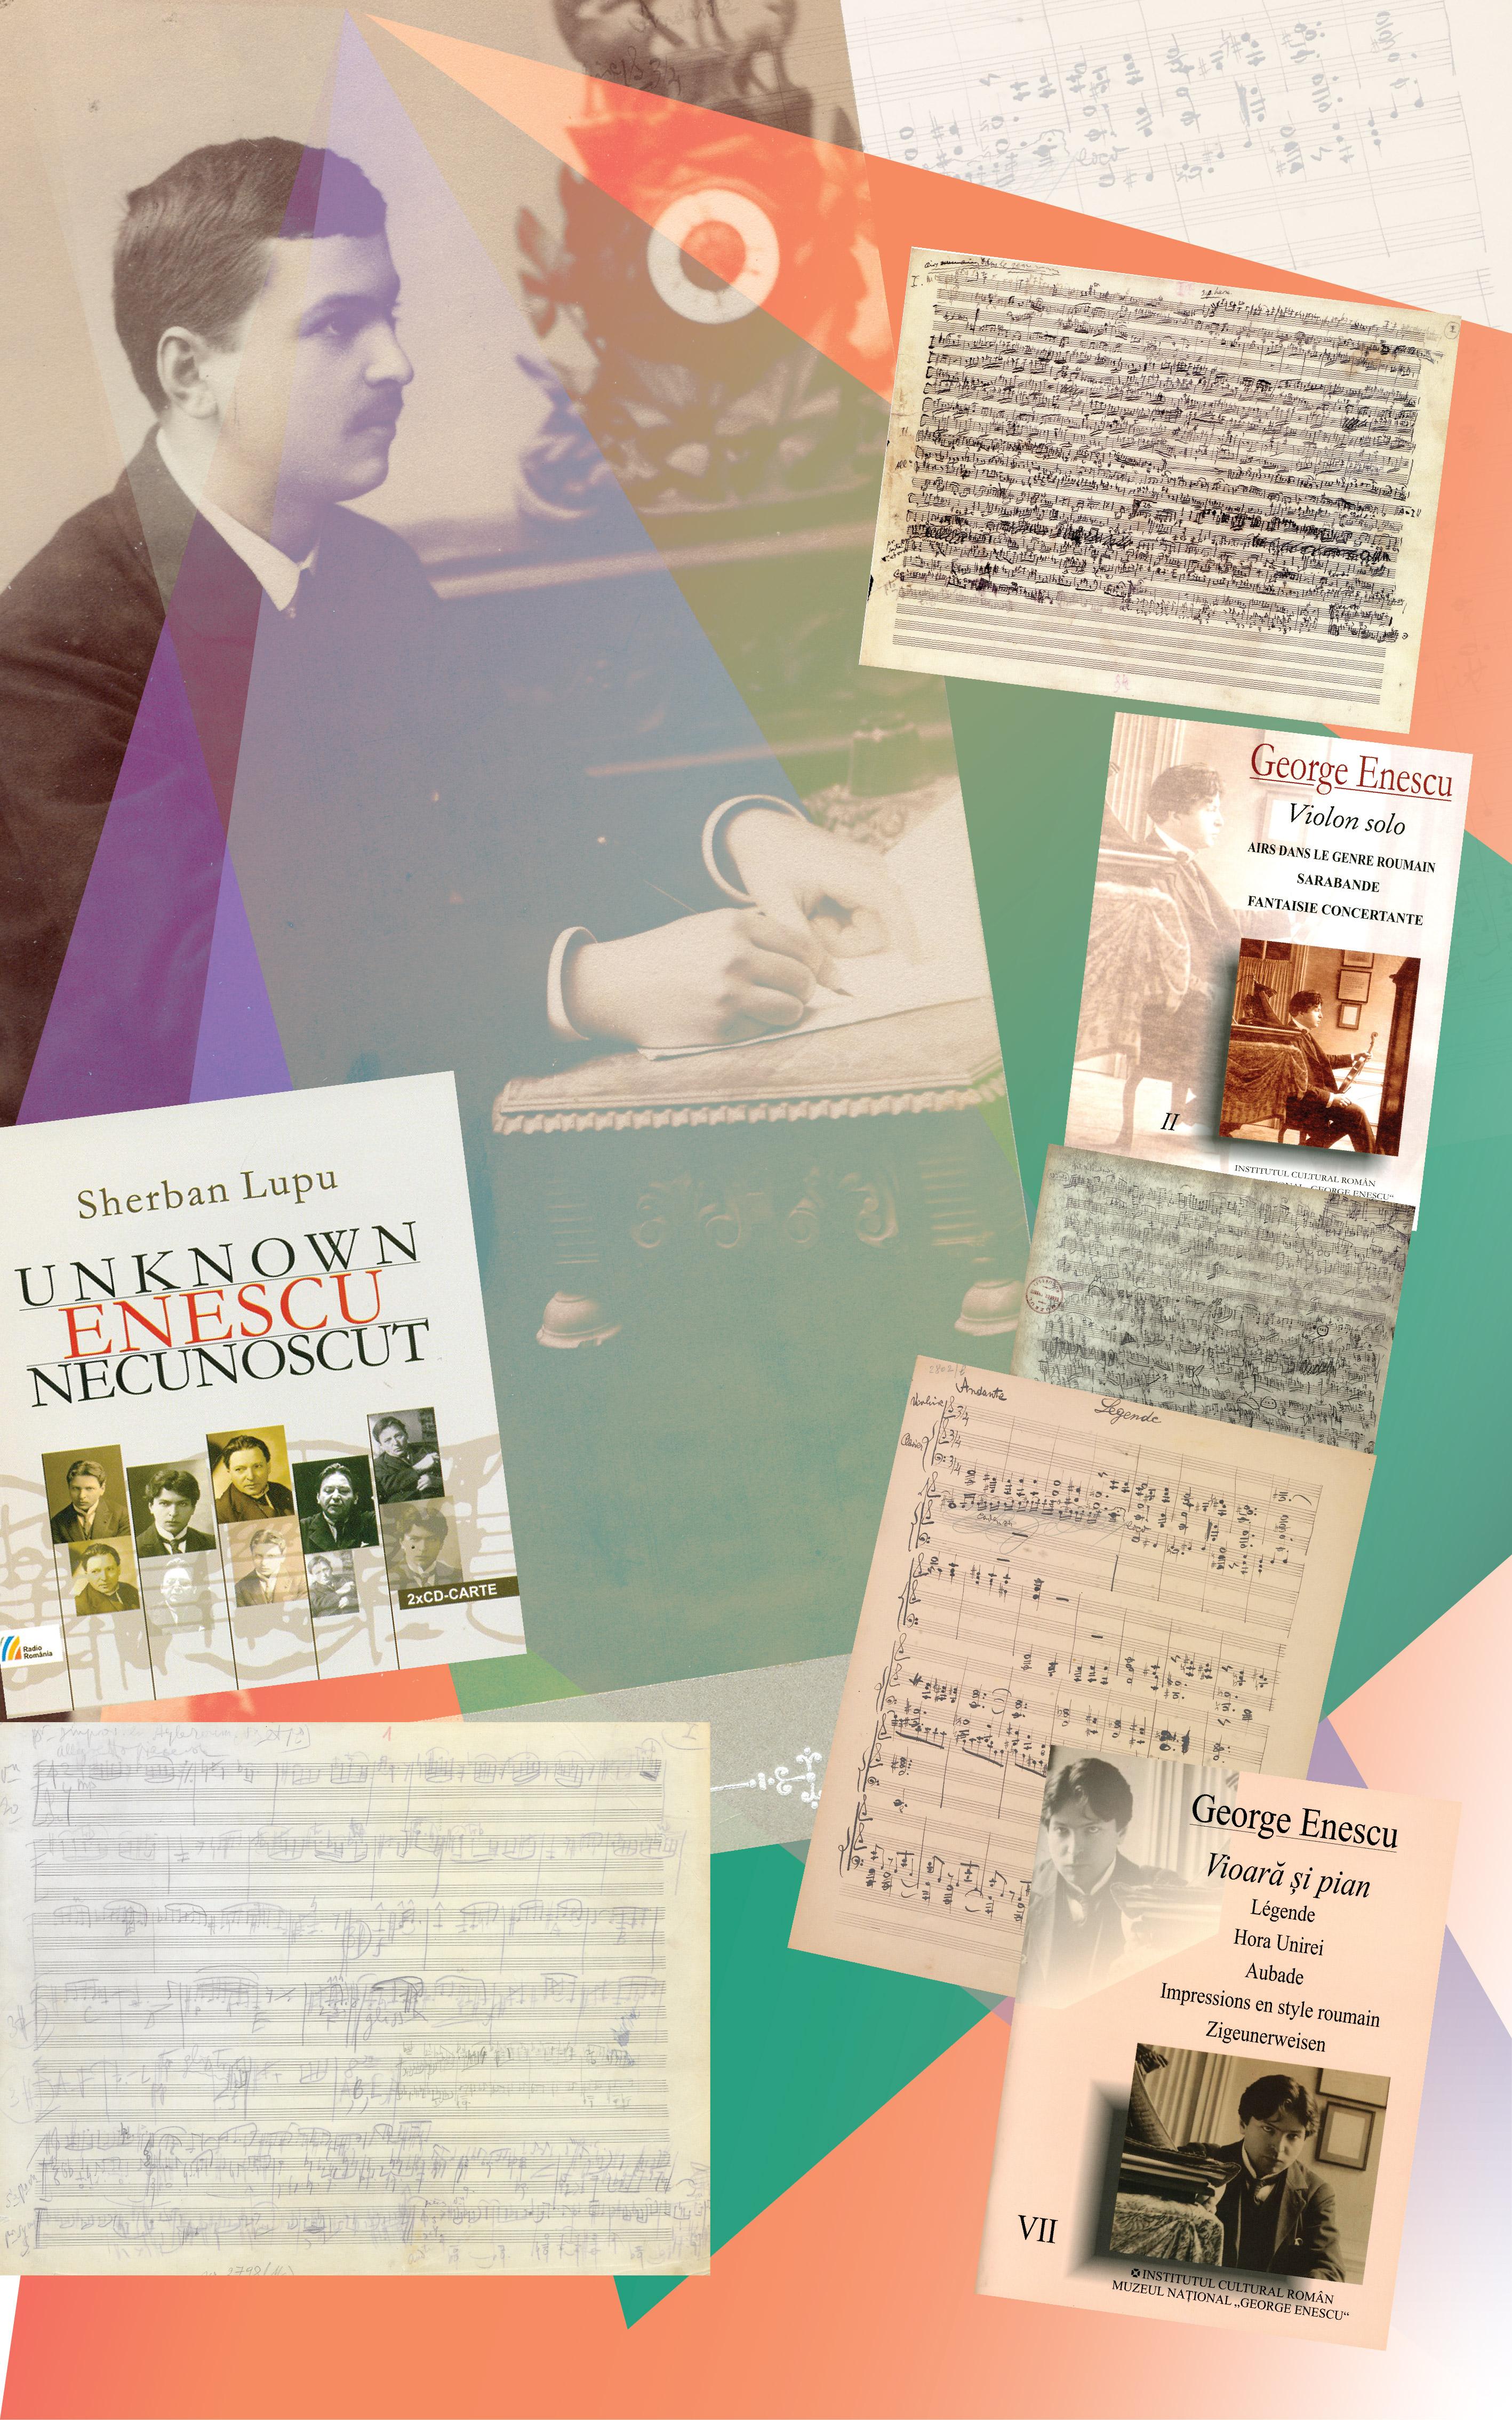 Reconstituiri: George  Enescu în viziunea lui Sherban Lupu. Lucrări pentru vioară solo și vioară pian: <em>Airs dans le genre roumain</em> (pentru vioară sau vioară și pian. 1926); <em>Sarabandă  pentru vioară solo </em>(1912-1915)<em>;</em> <em>Légende pentru vioară și  pian </em>(1890-1891)<em>;</em> <em>Impressions en style roumain pentru  vioară și pian</em> (1919-1920)